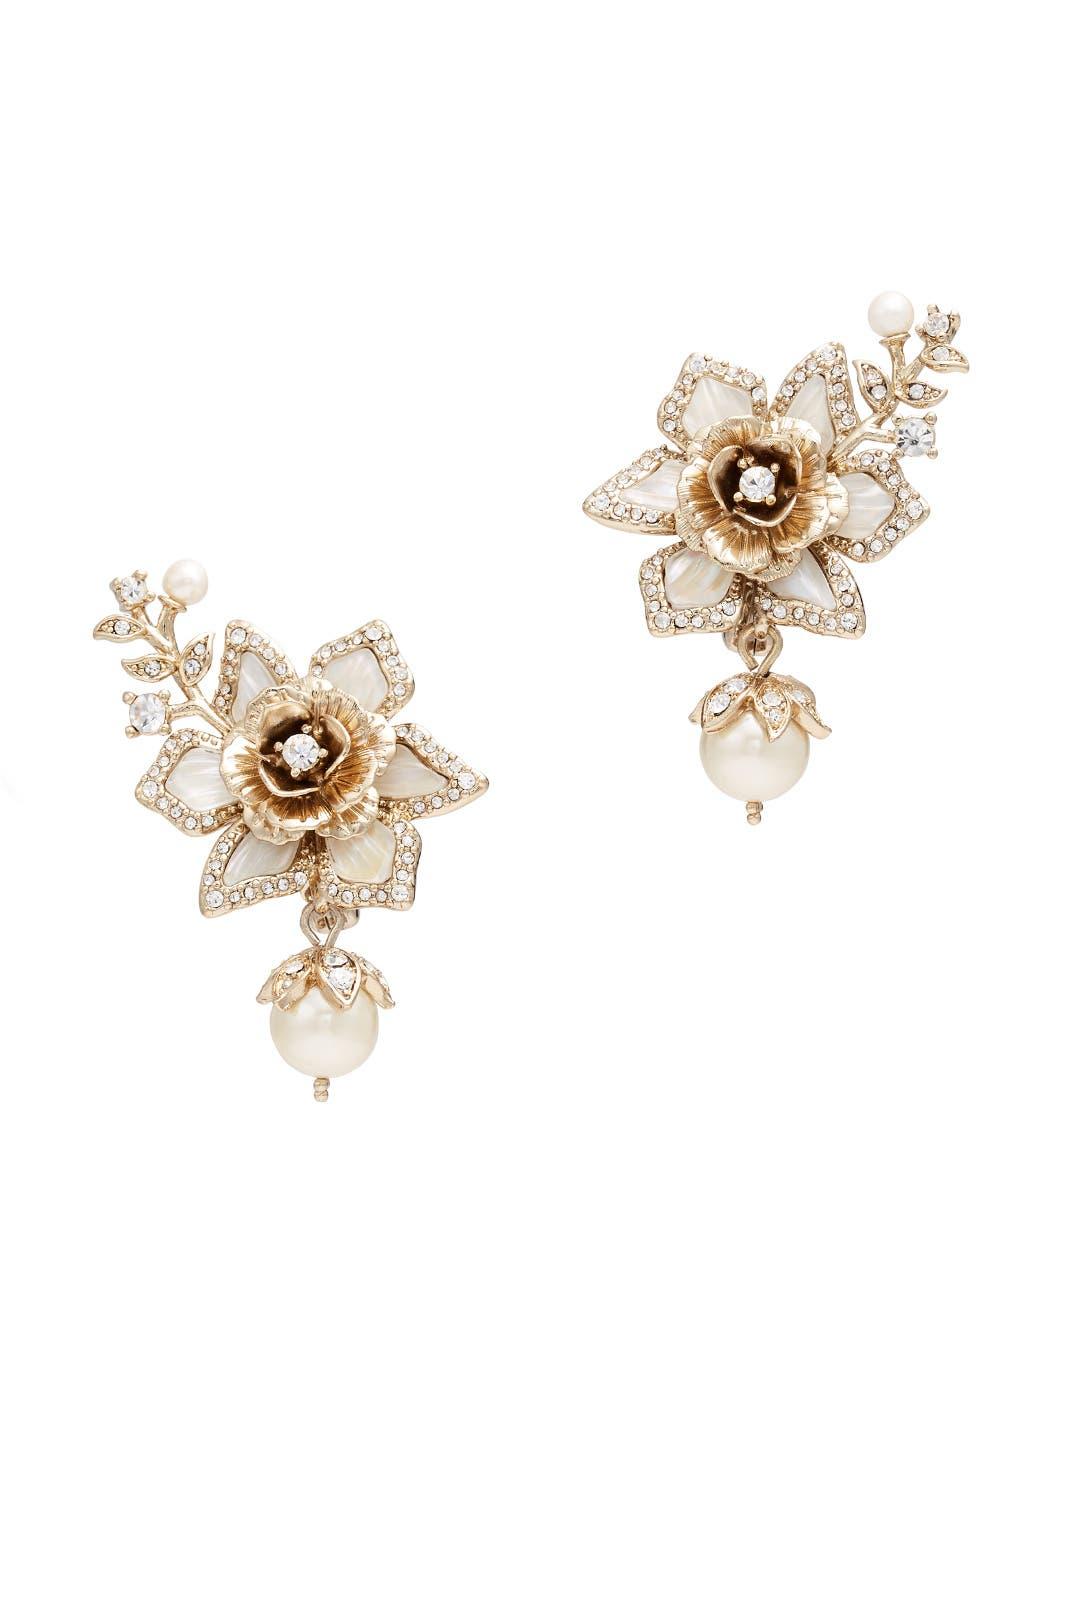 Eternal Garden Flower Drop Earrings By Marchesa Jewelry. Silver Ankle Bracelet. Evil Eye Diamond. Custom Bracelet. Natural Citrine Pendant. Girls Jewelry. Buy Glass Beads In Bulk. Locking Anklet. Personalized Earrings